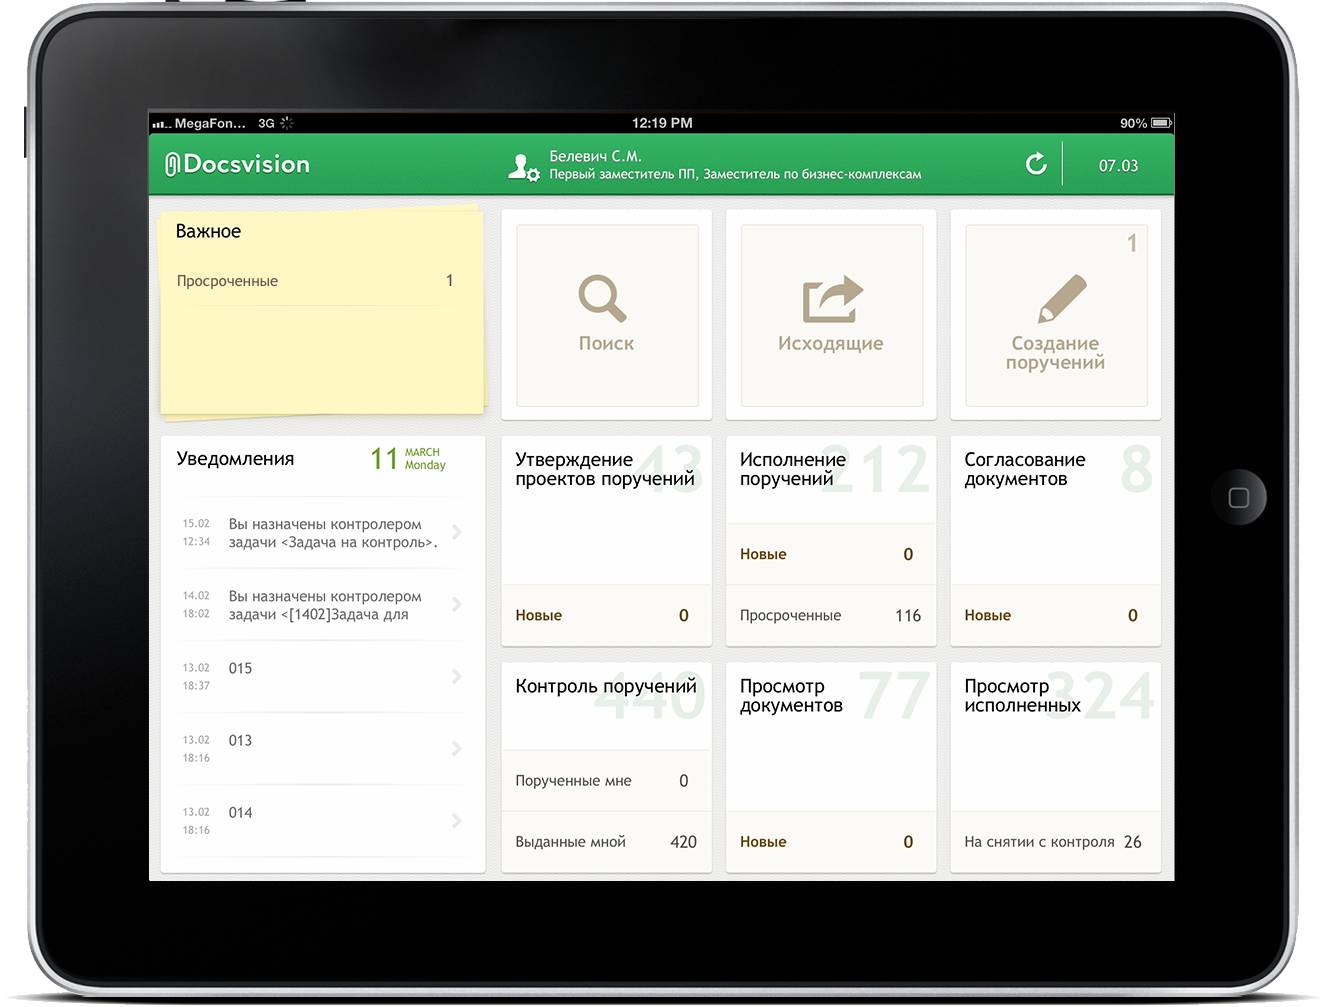 Главный экран приложения Docsvision Топ-Менеджер